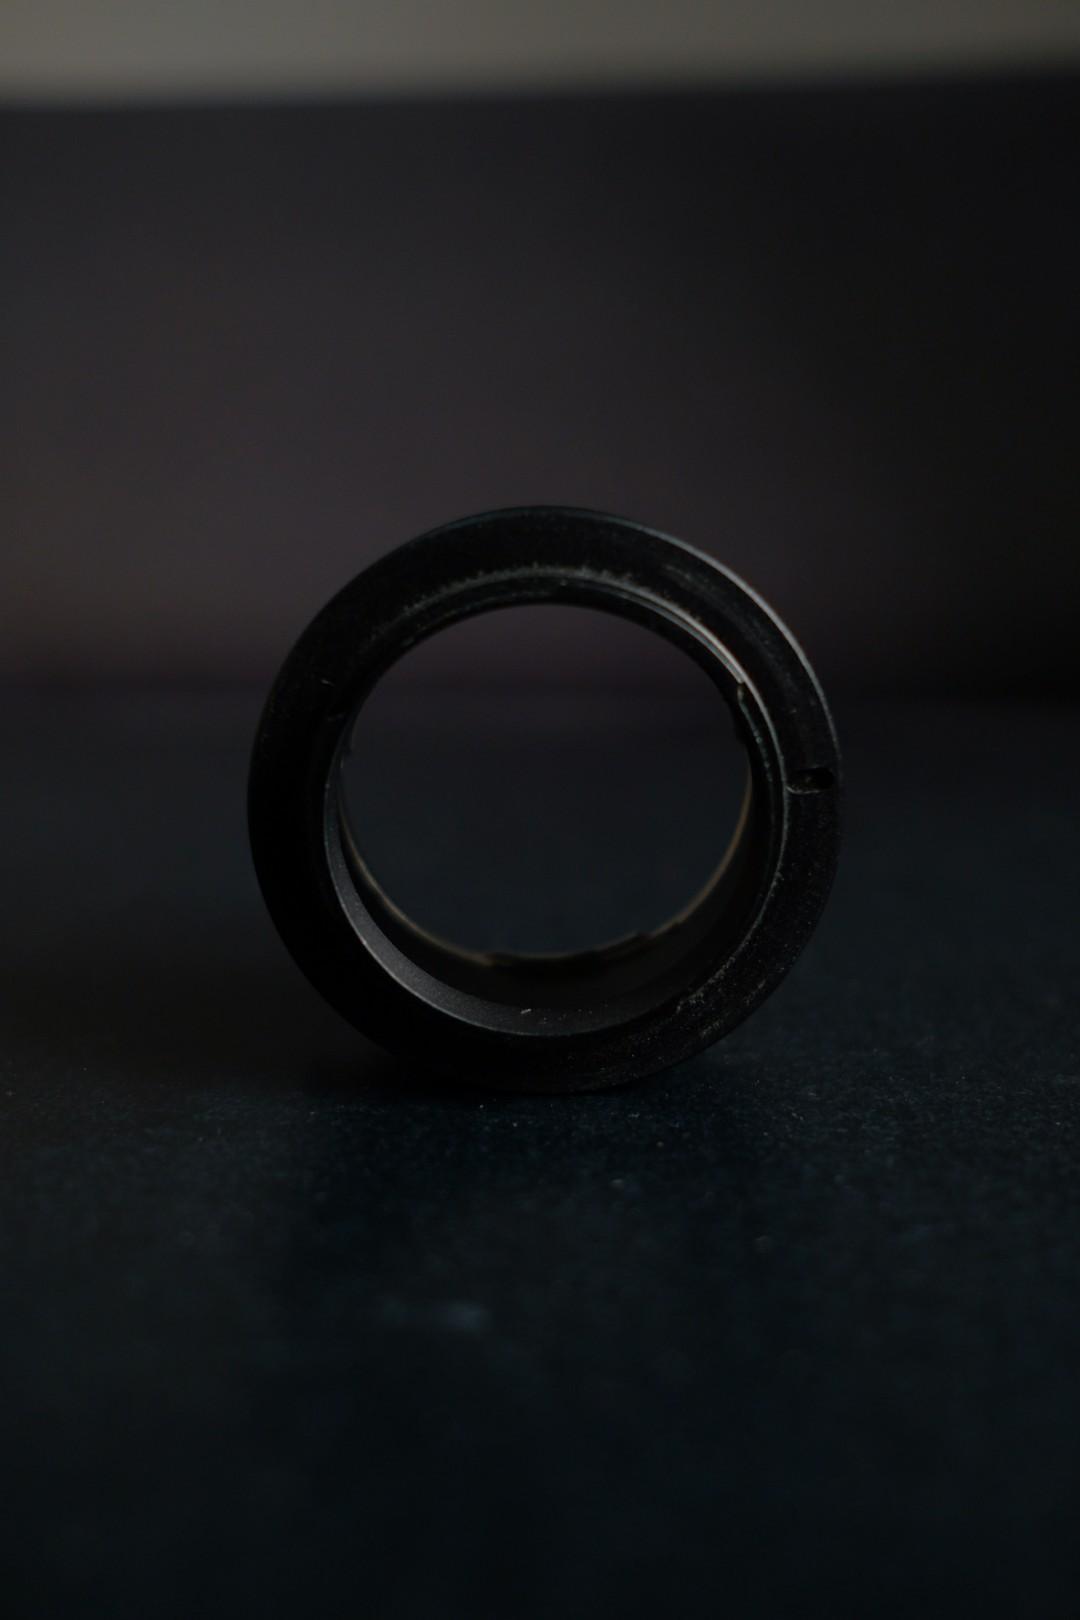 Nikon to Sony Lens Adapter